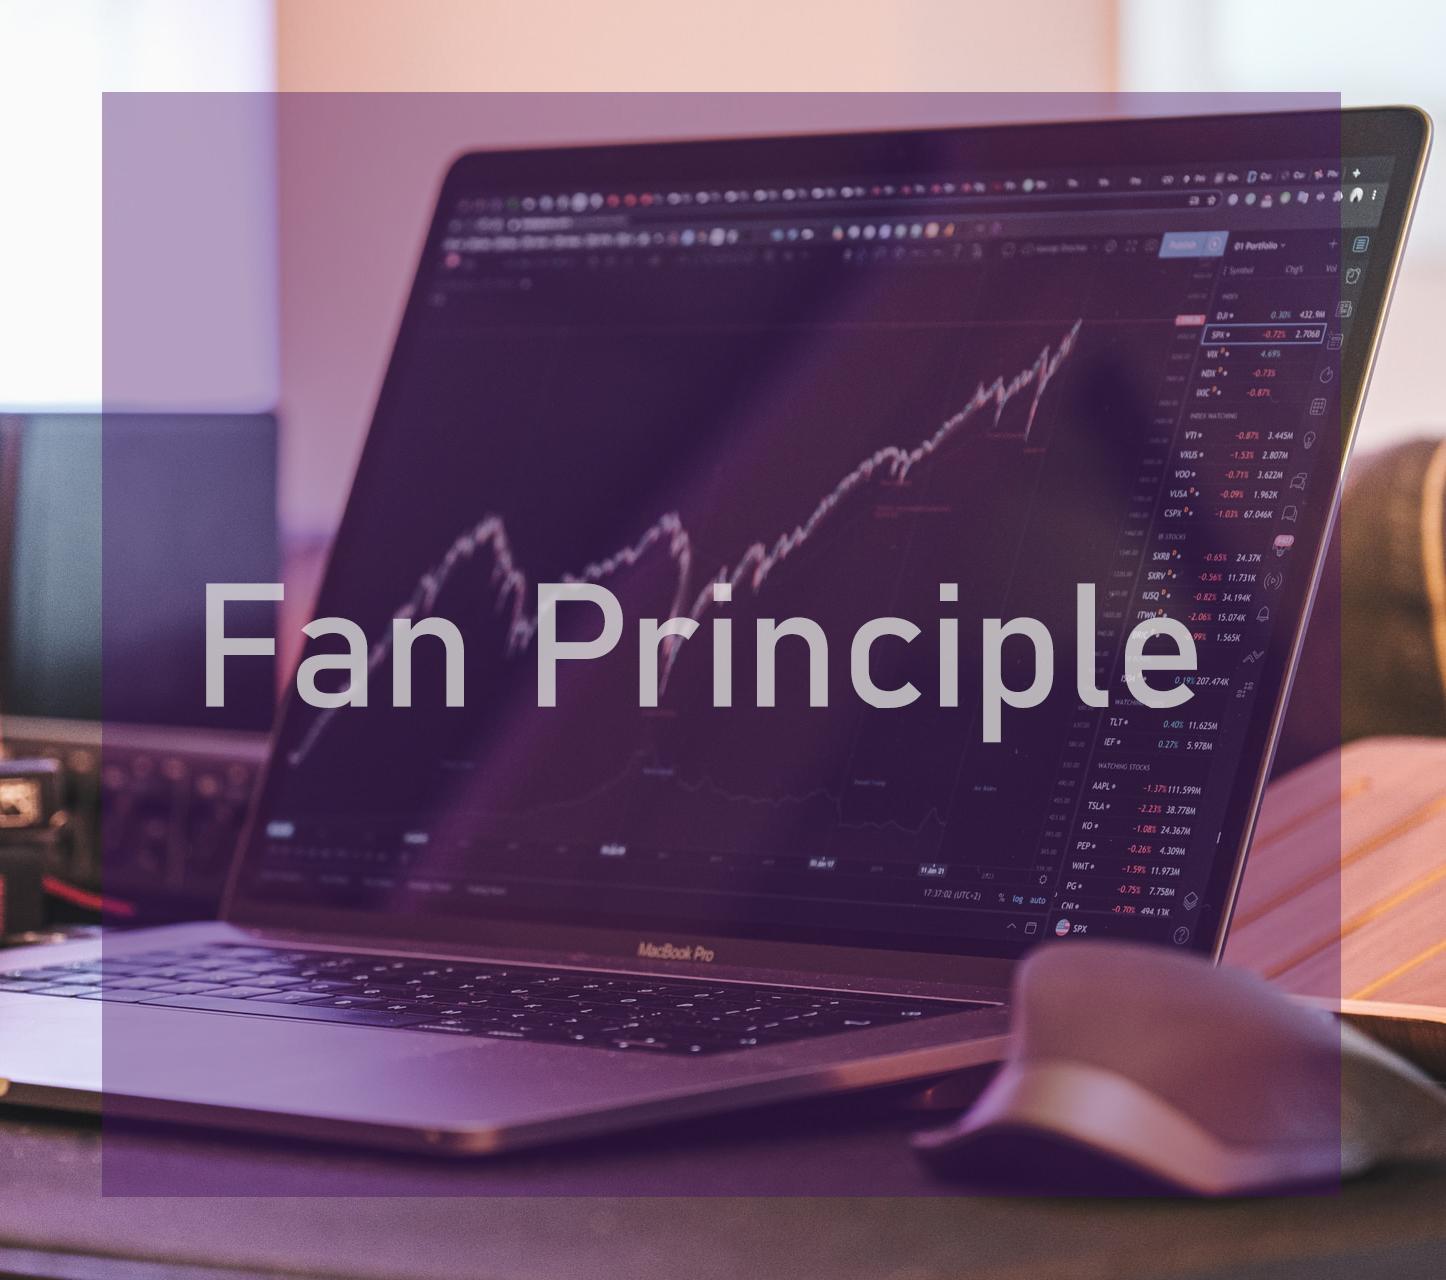 Fan Principle